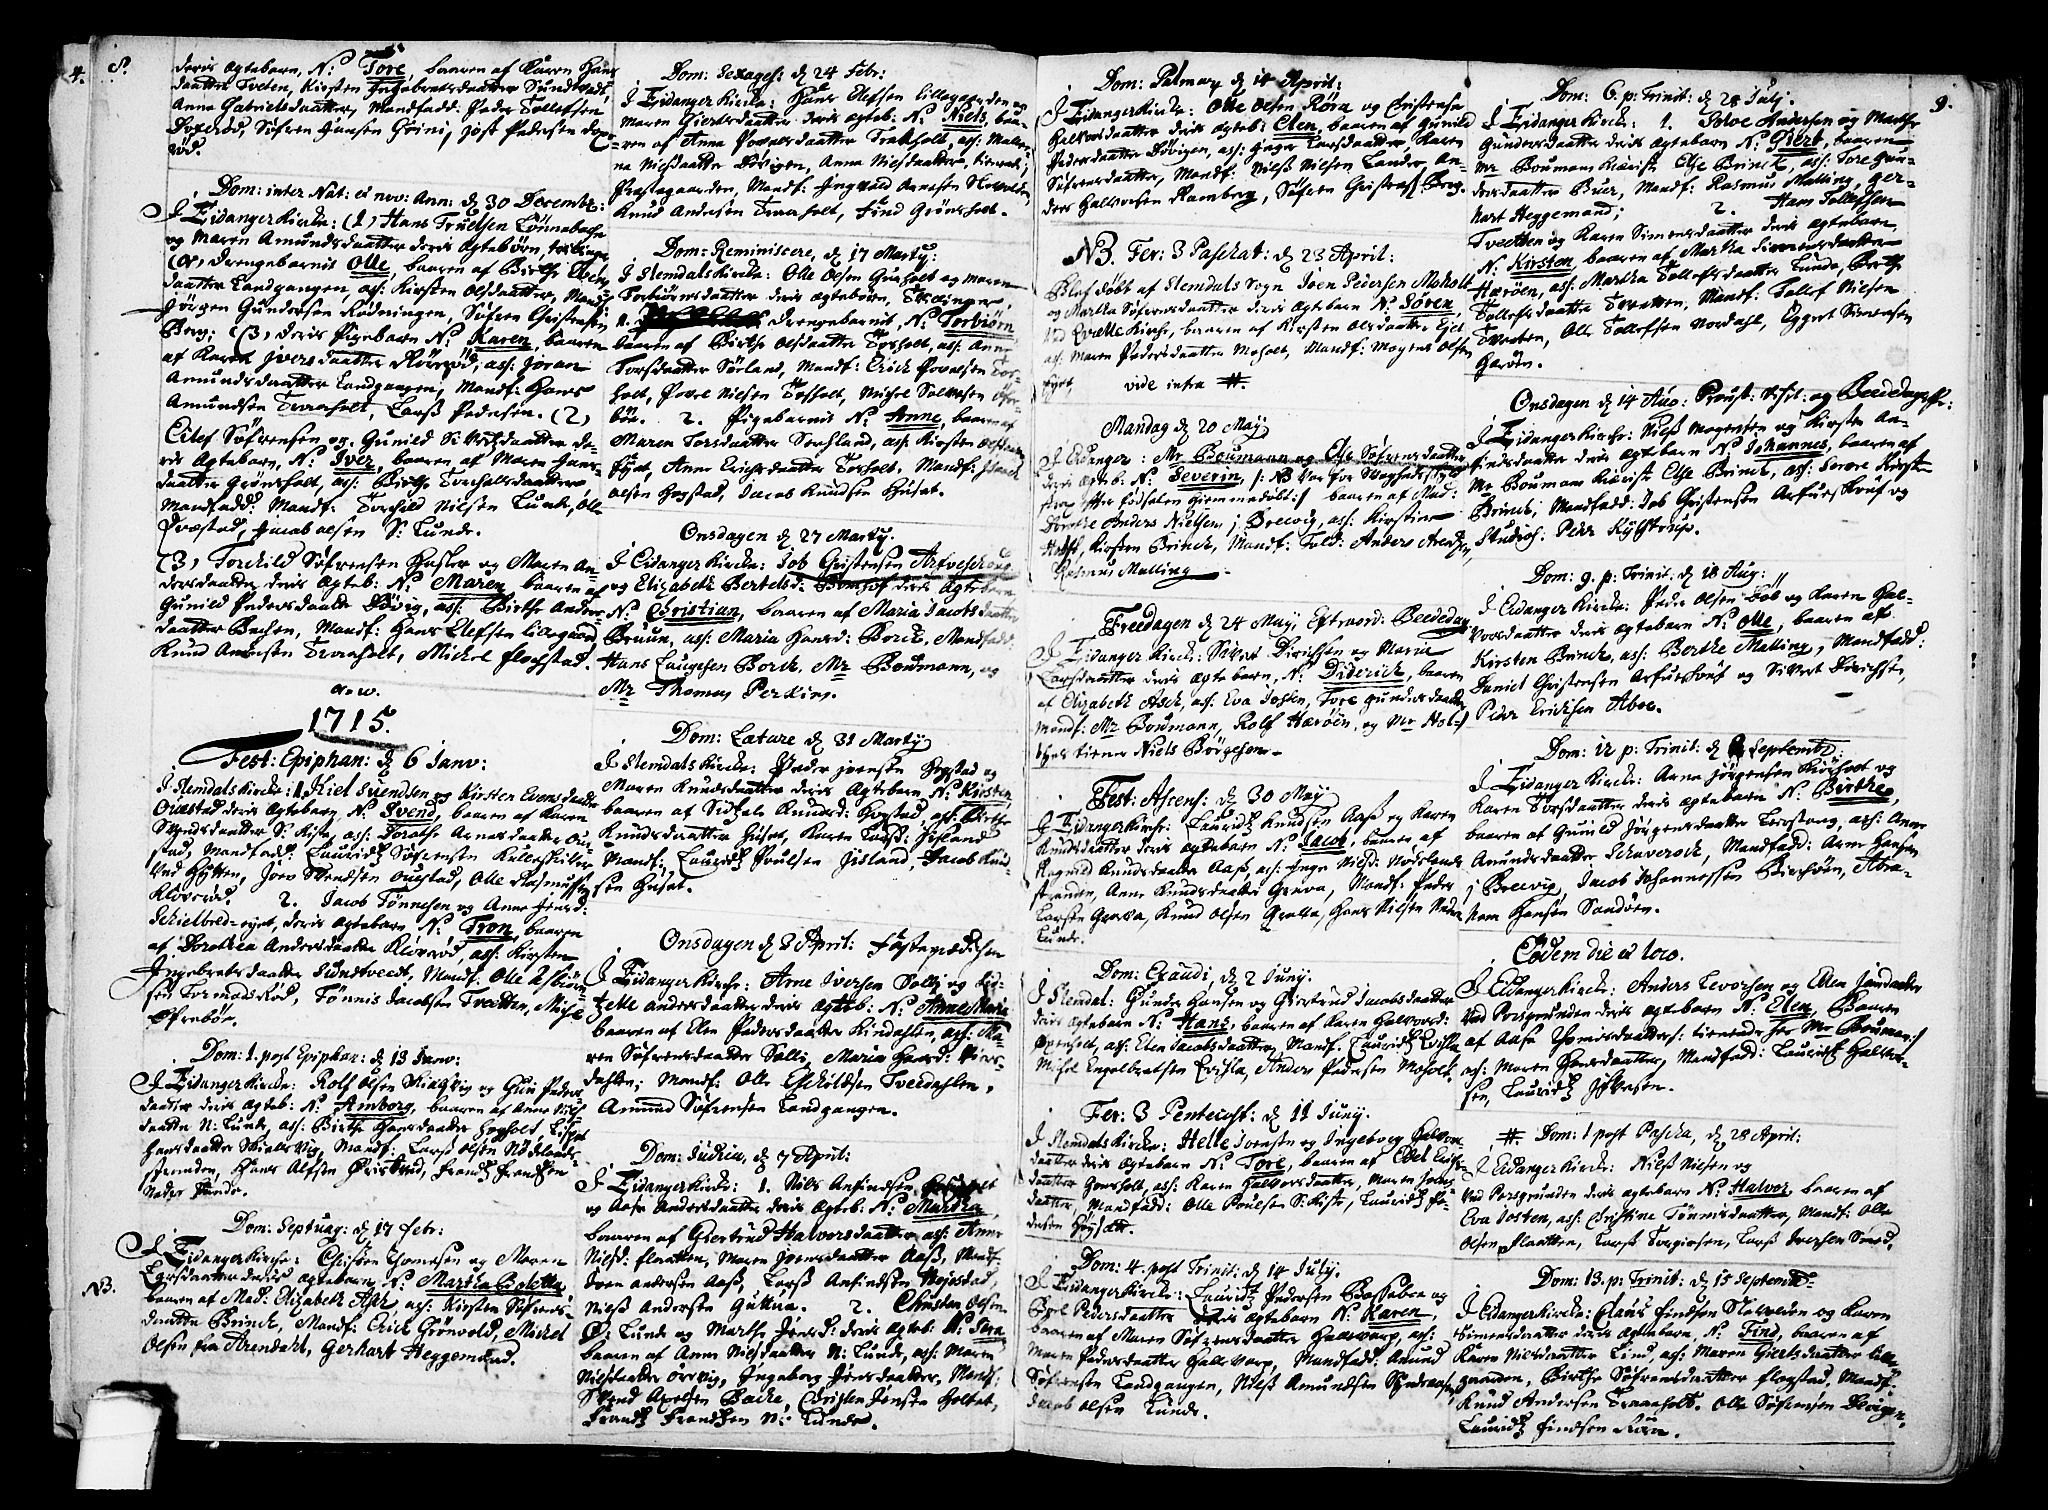 SAKO, Eidanger kirkebøker, F/Fa/L0002: Ministerialbok nr. 2, 1712-1720, s. 8-9